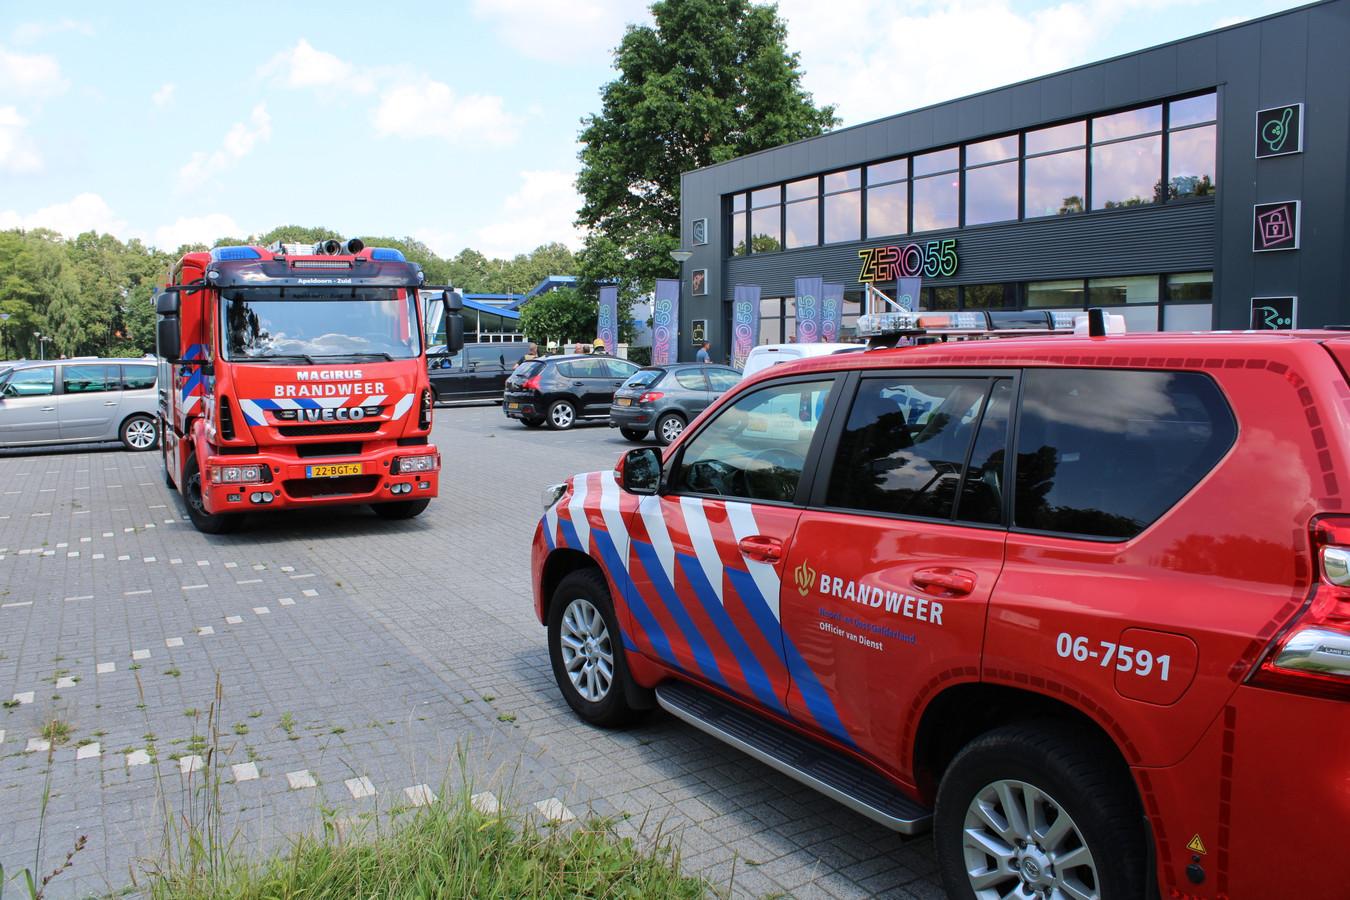 Een medewerkster van entertainmenthal Zero55 aan de Dubbelbeek in Apeldoorn is vanmiddag onwel geworden nadat zij een vreemde geur waarnam. De brandweer doet metingen om de oorzaak van de vreemde lucht te achterhalen.